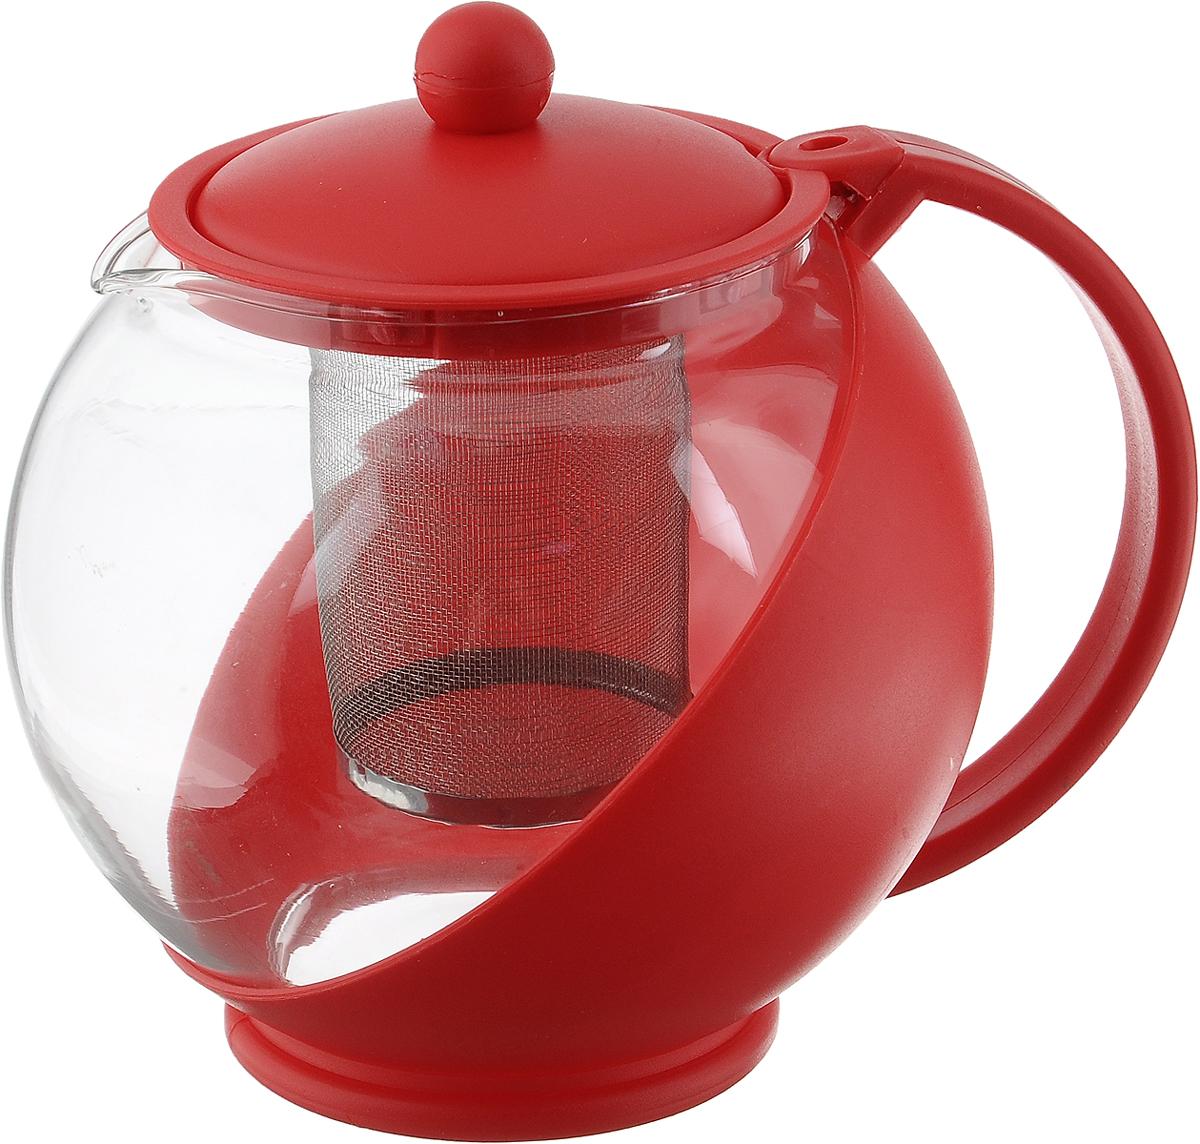 Чайник заварочный Mayer & Boch, с фильтром, цвет: прозрачный, красный, 1,25 л391602Заварочный чайник Mayer & Boch, выполненный из пластика и стекла, предоставит вам все необходимые возможности для успешного заваривания чая.Чайник оснащен крышкой и сетчатым фильтром из металла, который задерживает чаинки и предотвращает их попадание в чашку. Чай в таком чайнике дольше остается горячим, а полезные и ароматические вещества полностью сохраняются в напитке.Эстетичный и функциональный чайник будет оригинально смотреться в любом интерьере.Диаметр чайника (по верхнему краю): 9,6 см.Высота чайника (без учета крышки): 13 см.Размер ситечка: 6 х 6 х 7,8 см.